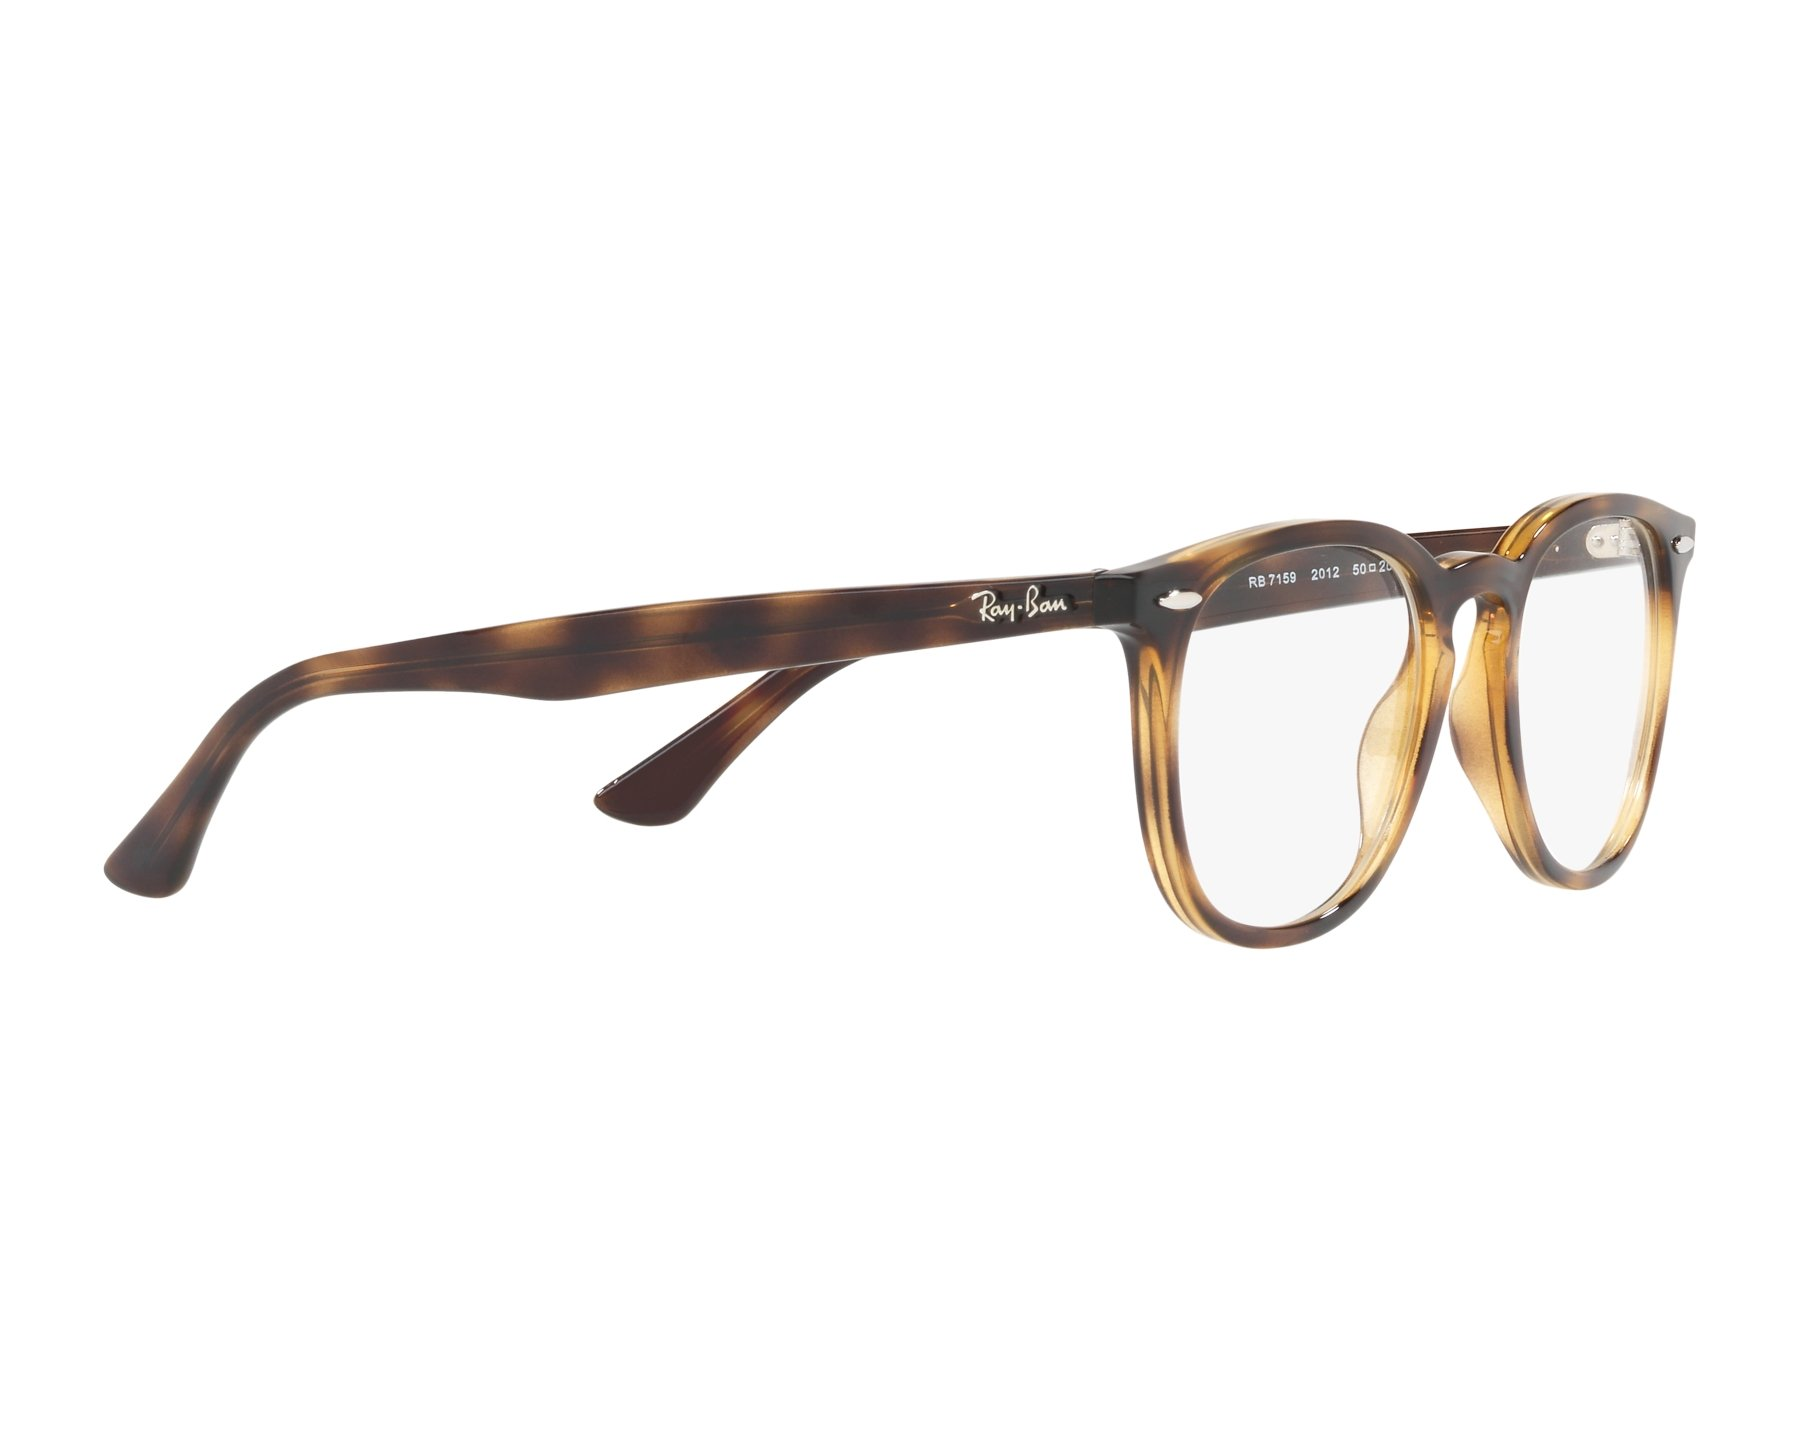 2056f105ddc eyeglasses Ray-Ban RX-7159 2012 50-20 Havana 360 degree view 11